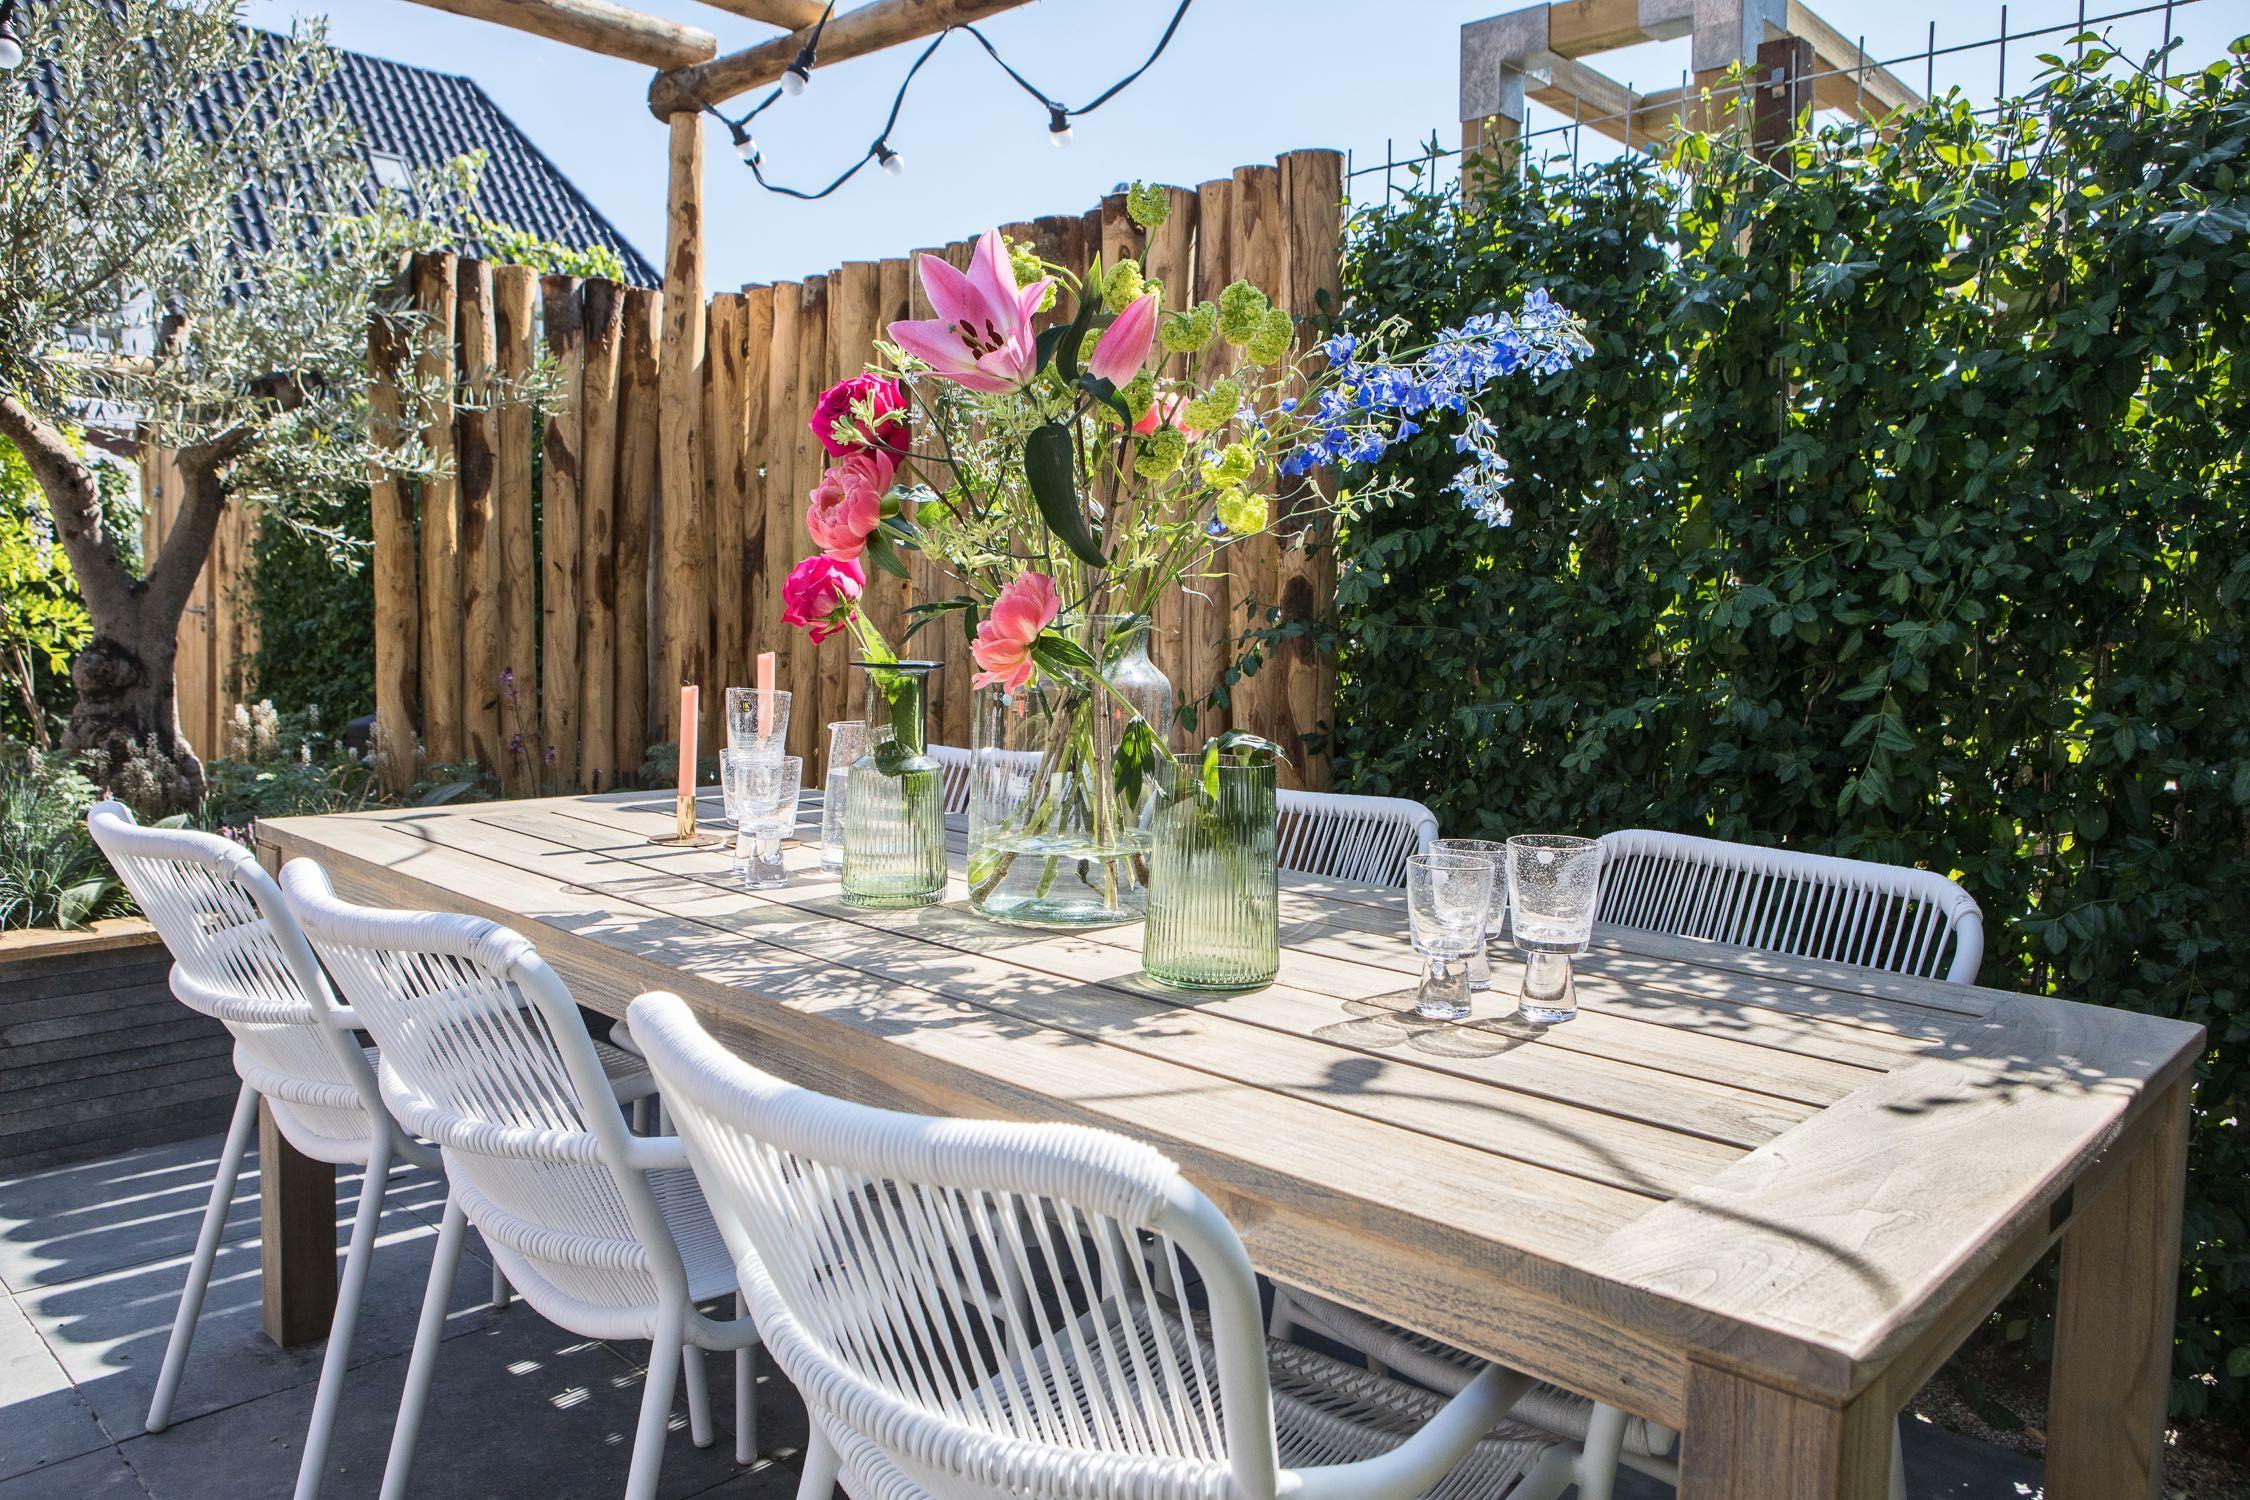 Lange Eettafel 6 Stoelen.Zomerse Vrolijke Diepe Tuin Met Prachtige Tuinmeubelen Een Lange